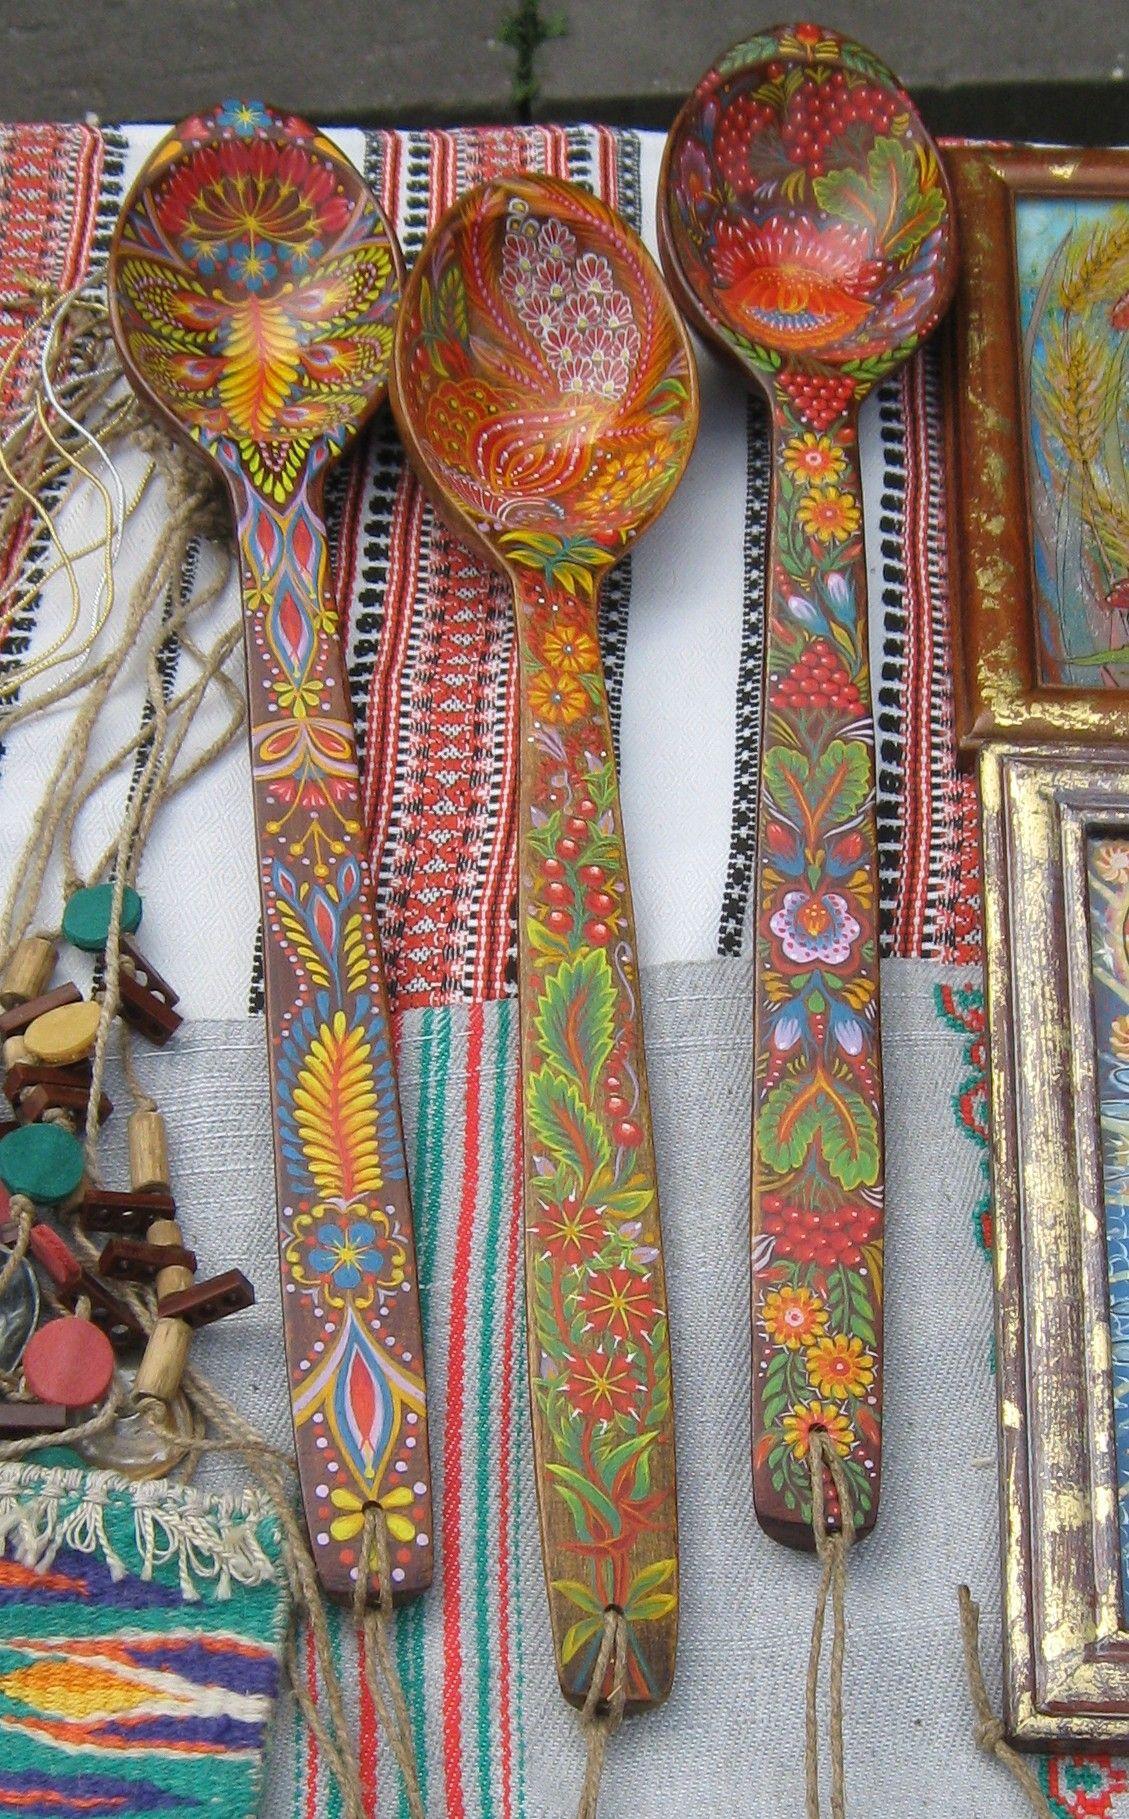 Russian Folk Art - Wooden Spoons